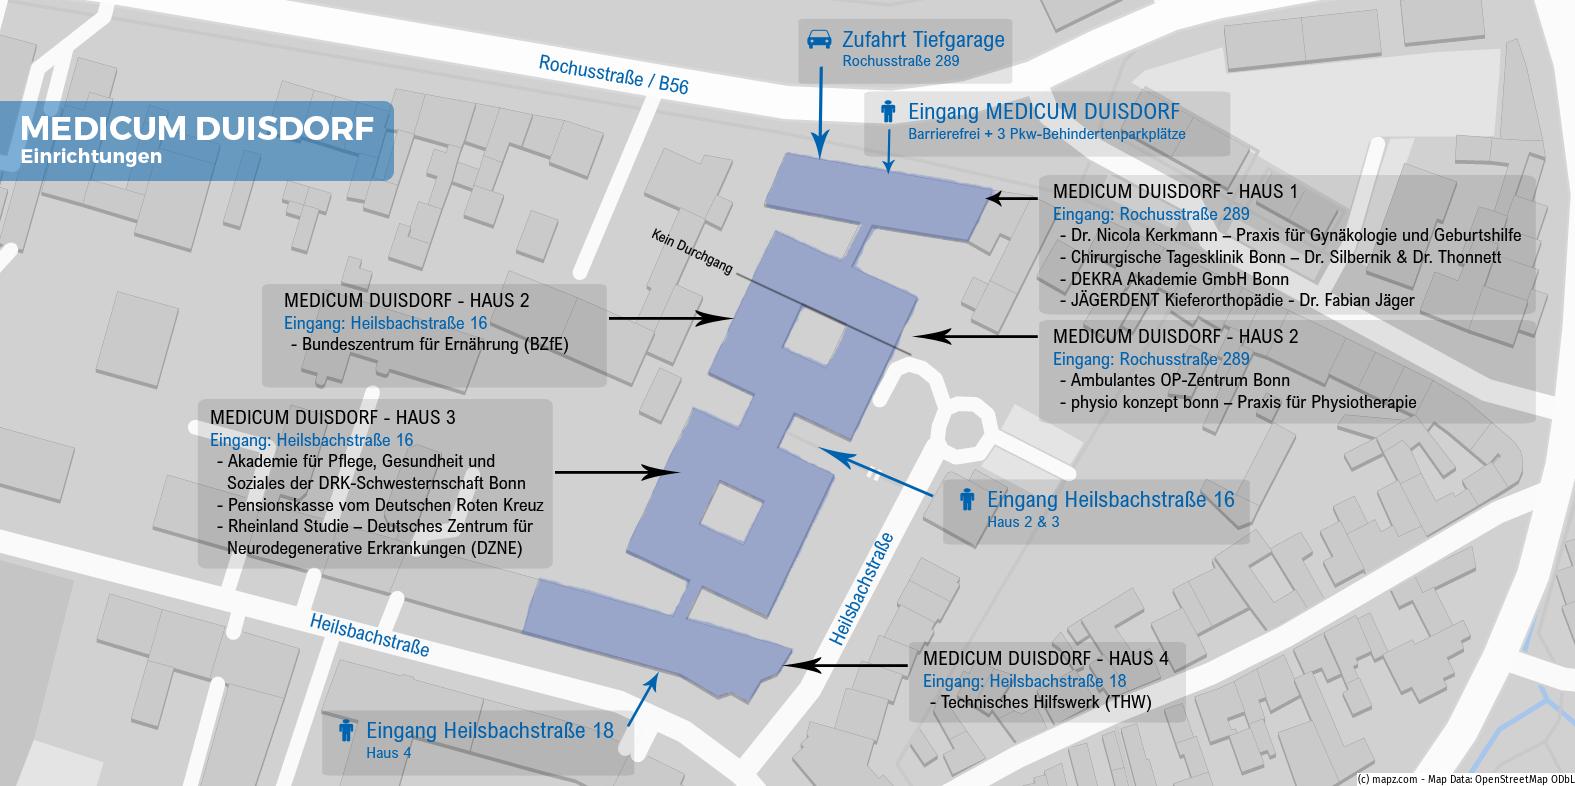 Medicum-Duisdorf - Einrichtungen in den vier Häusern